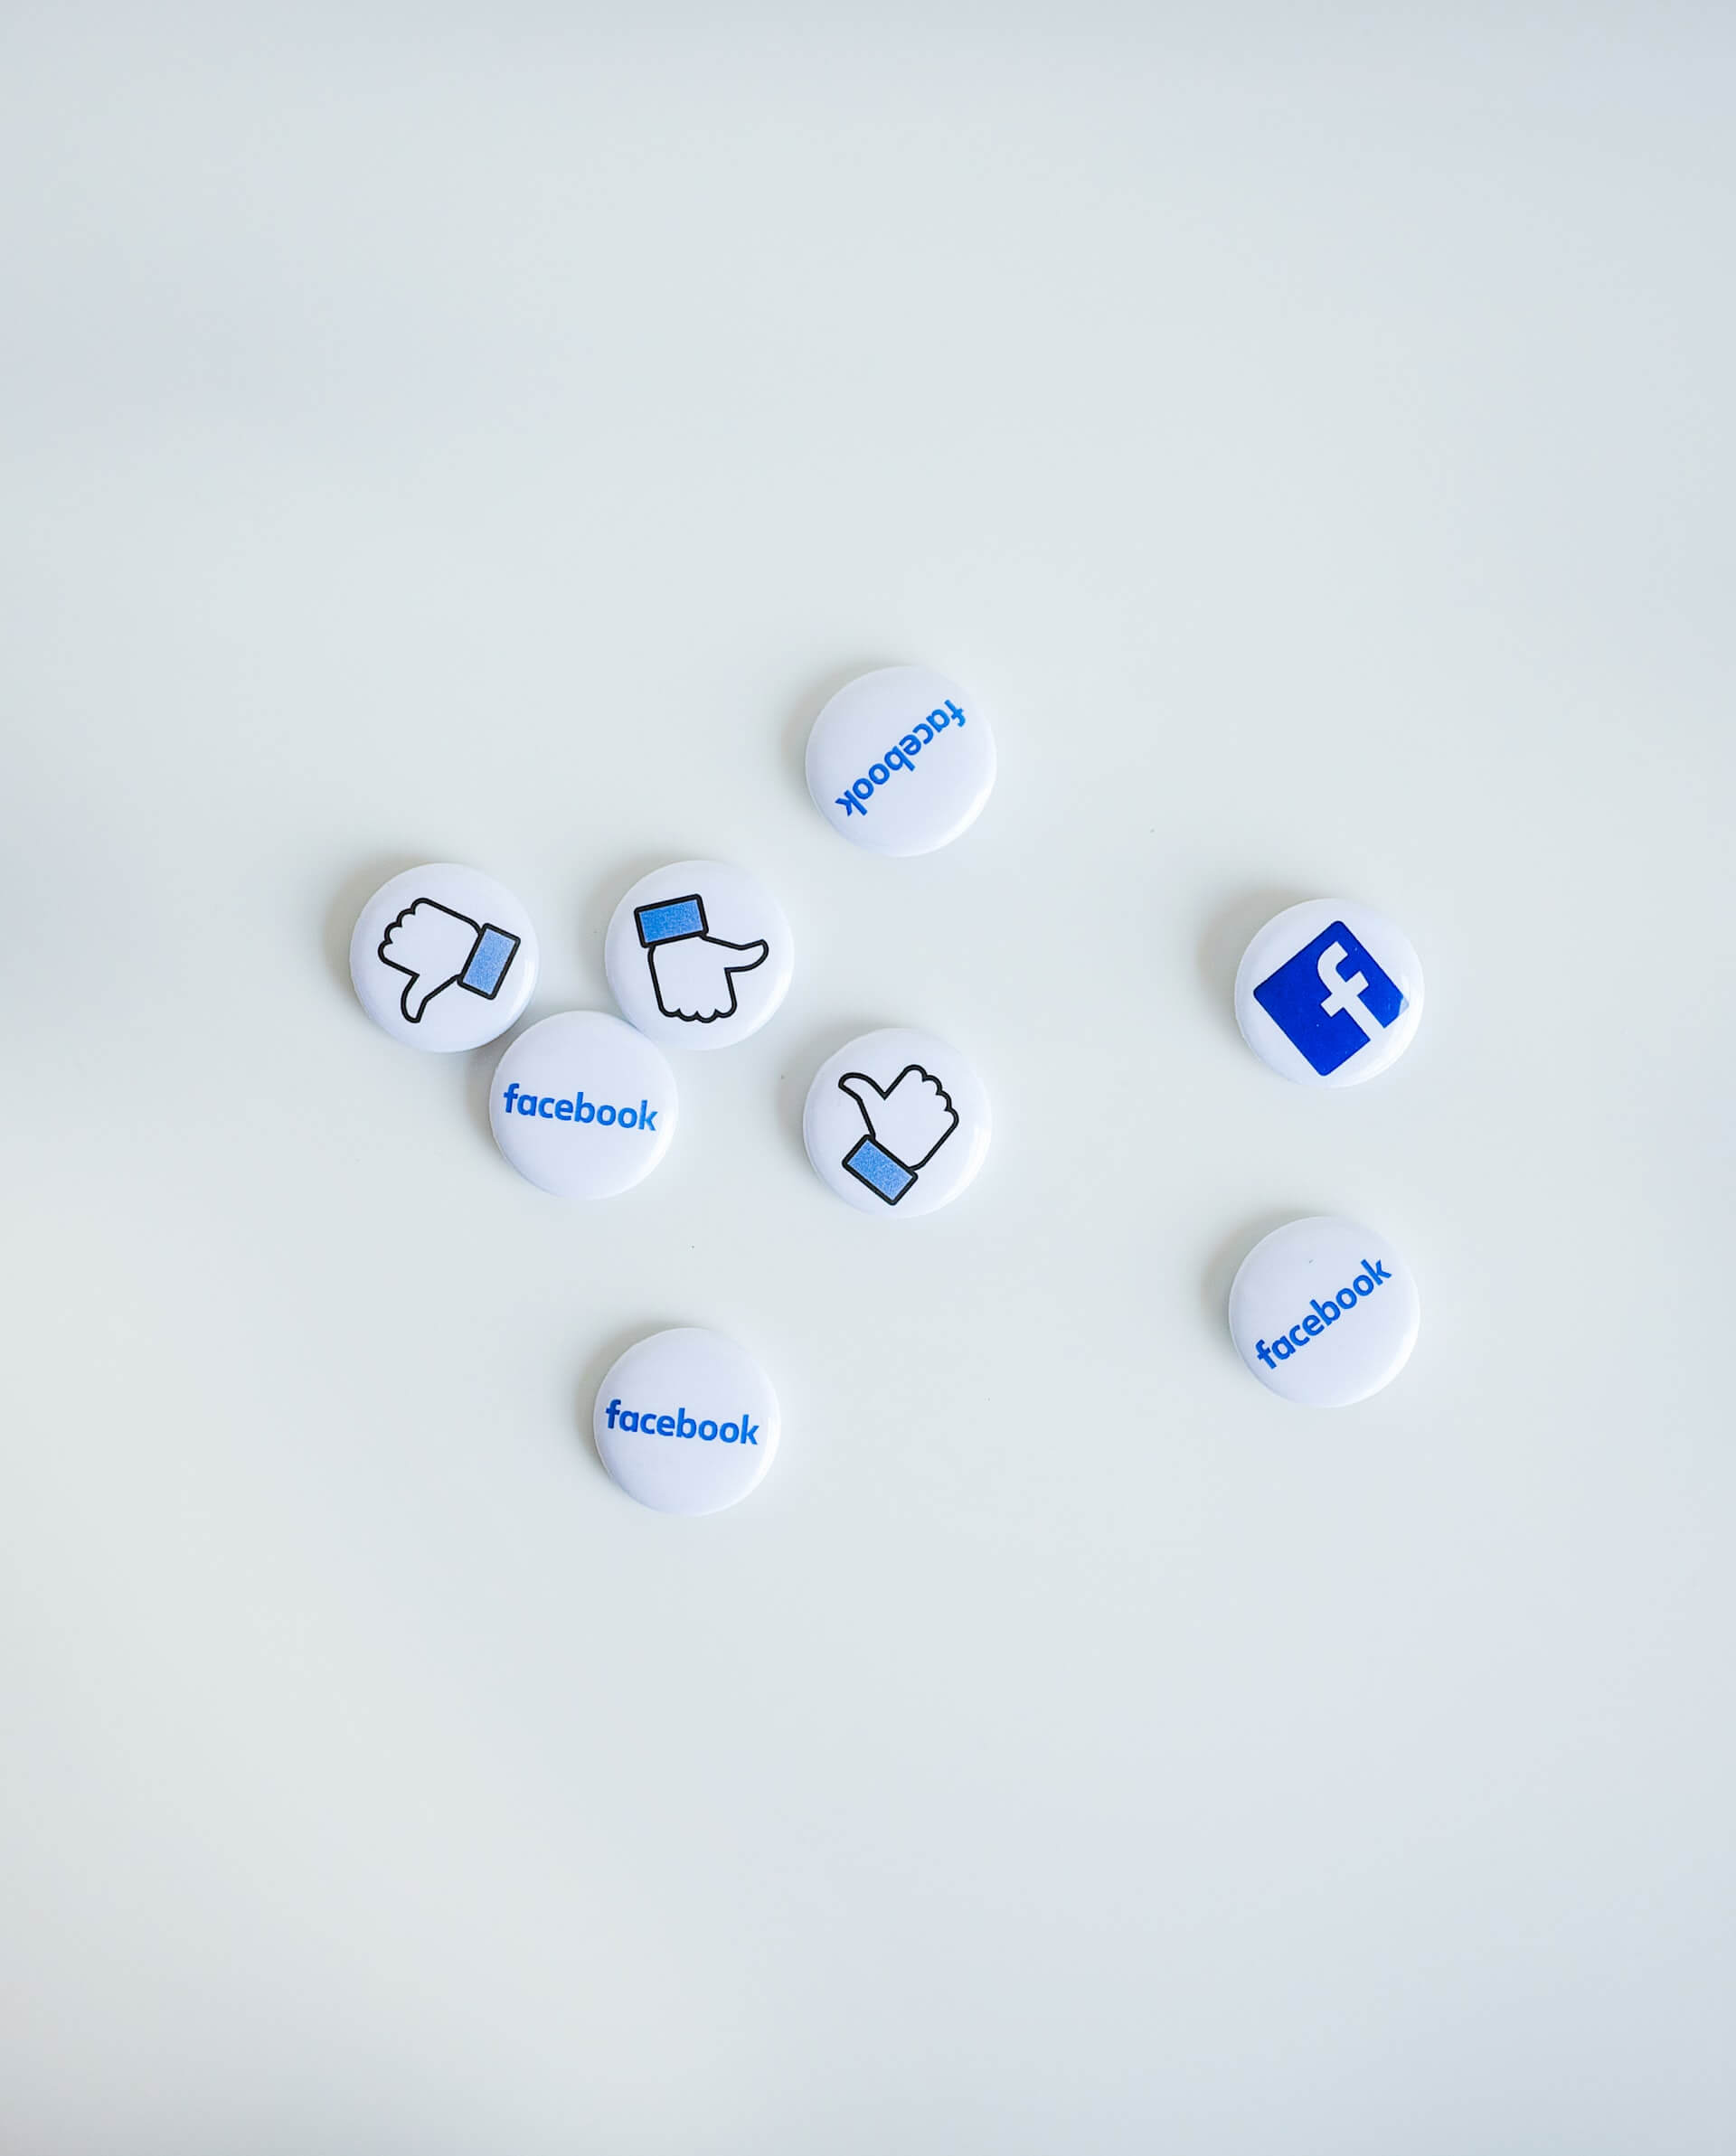 facebook lajkovanje